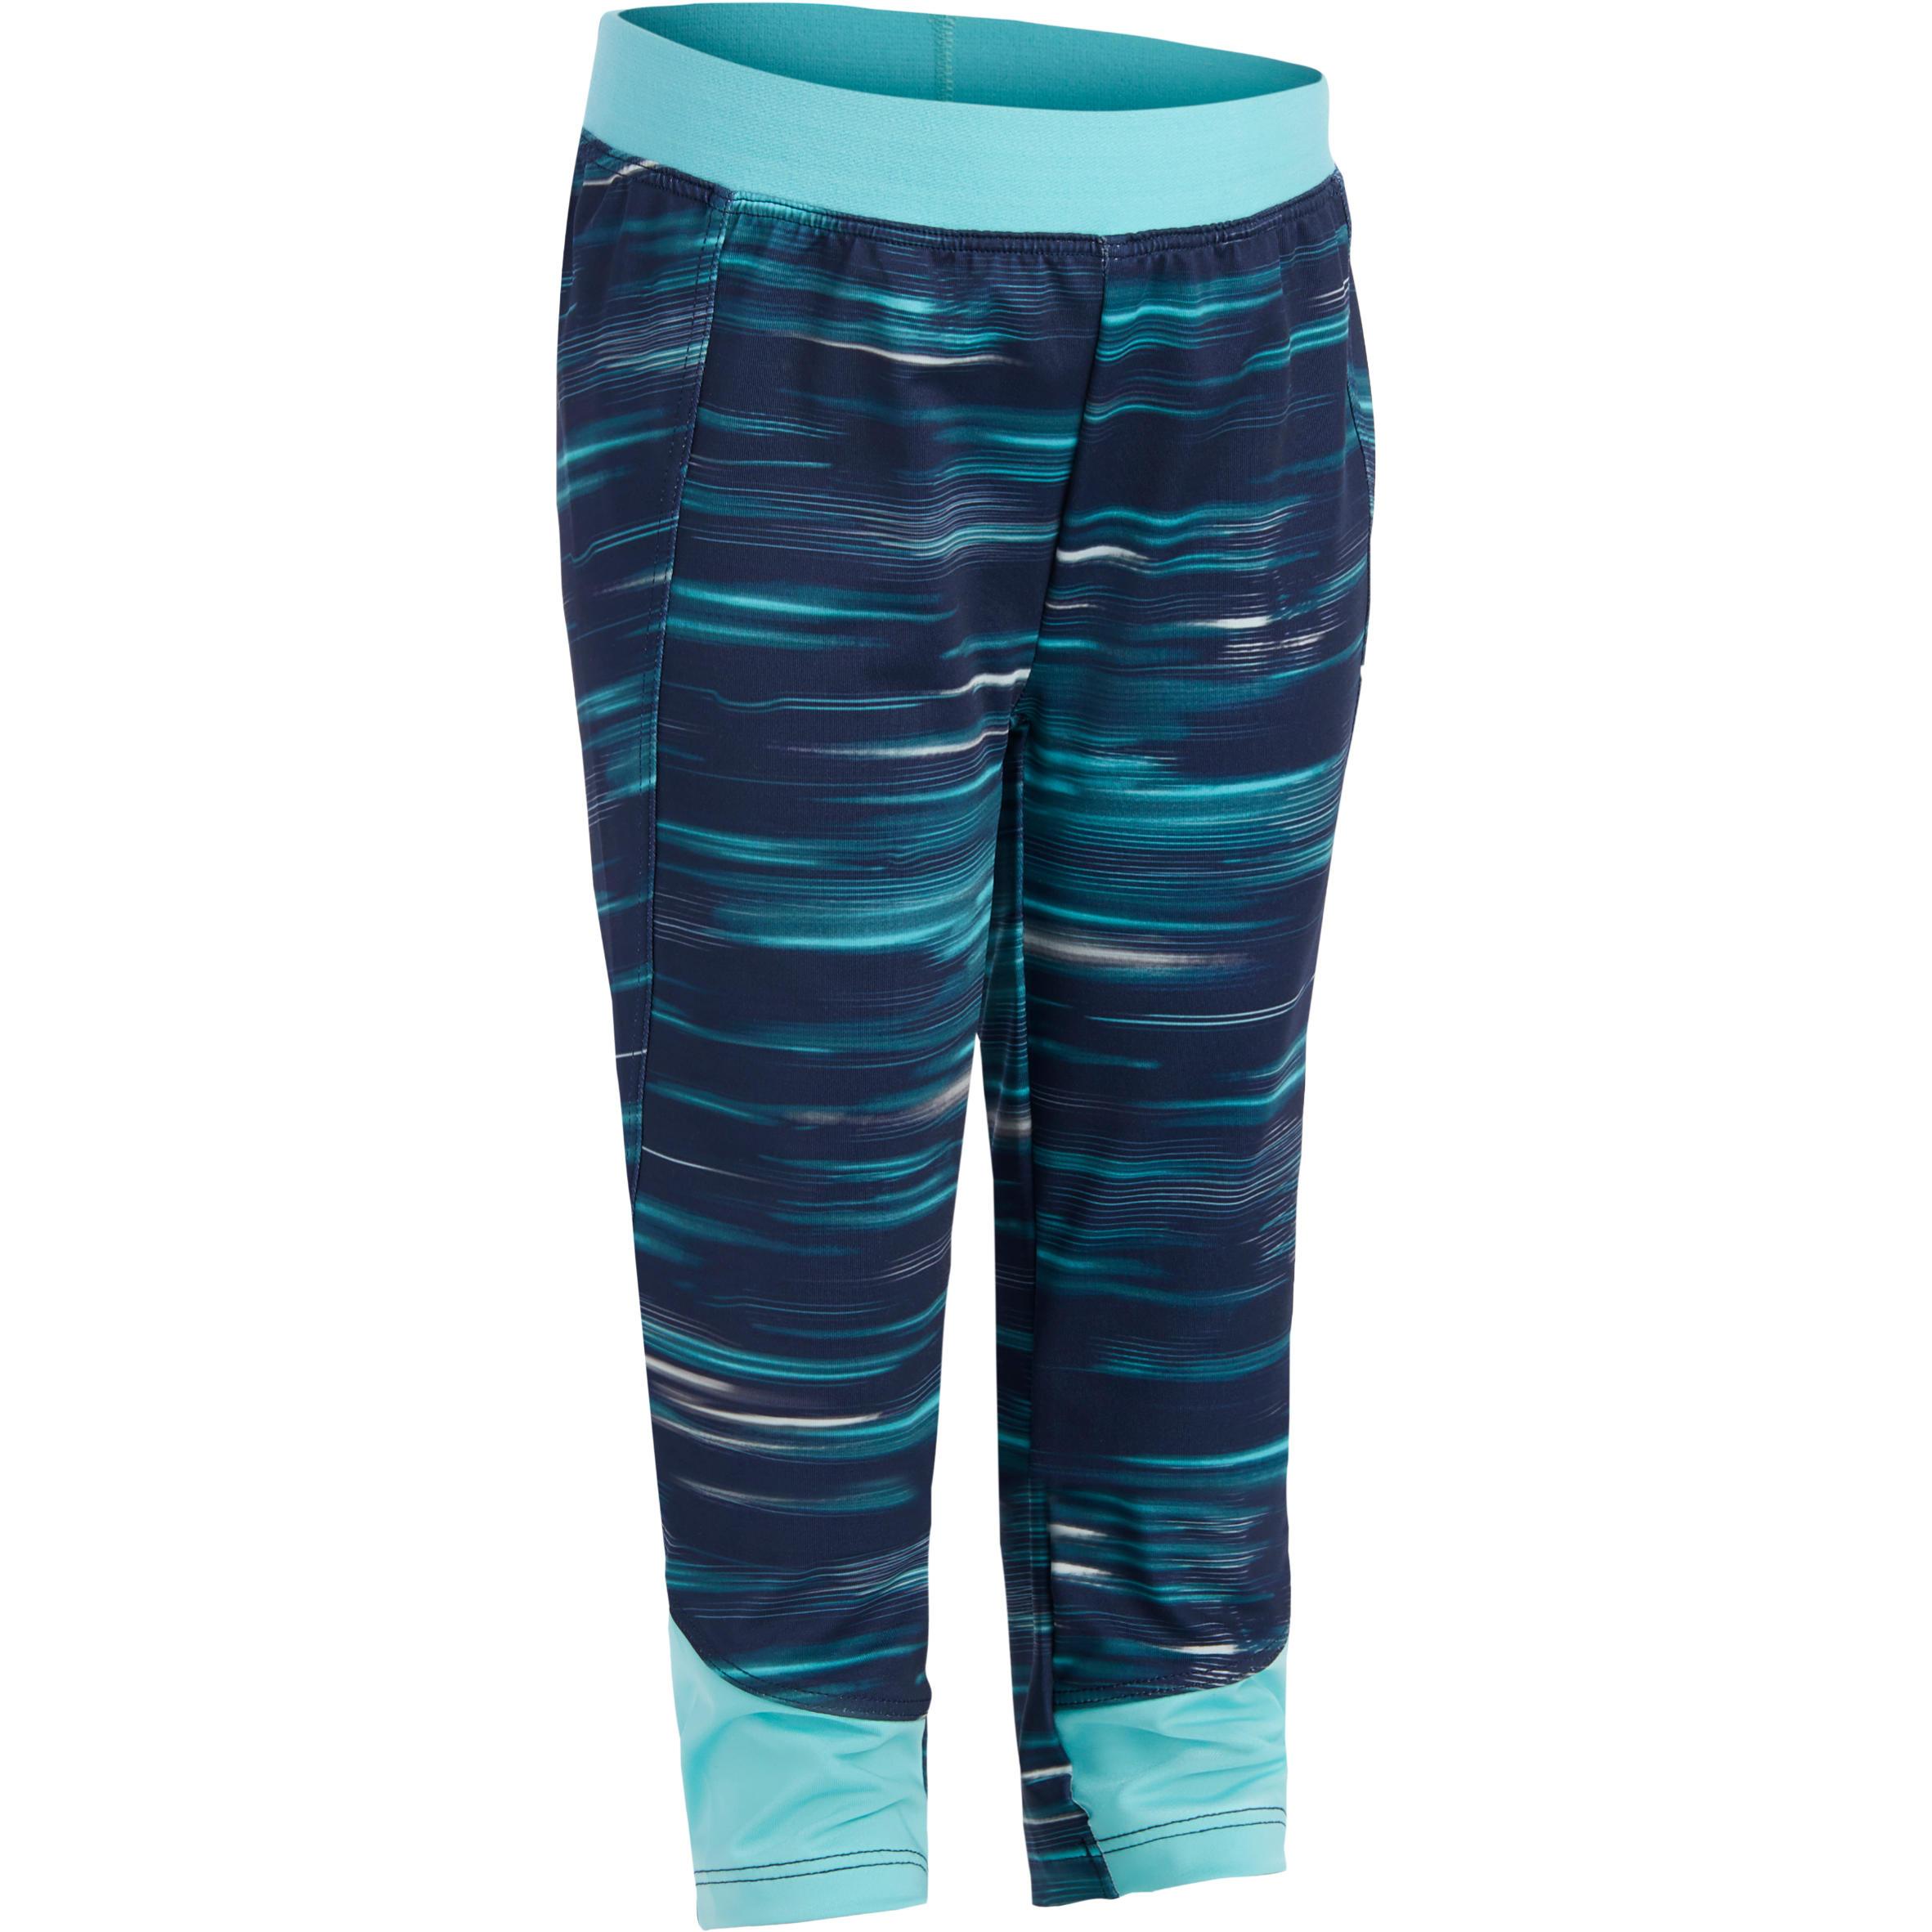 560 Baby Gym Leggings - Navy Blue Print